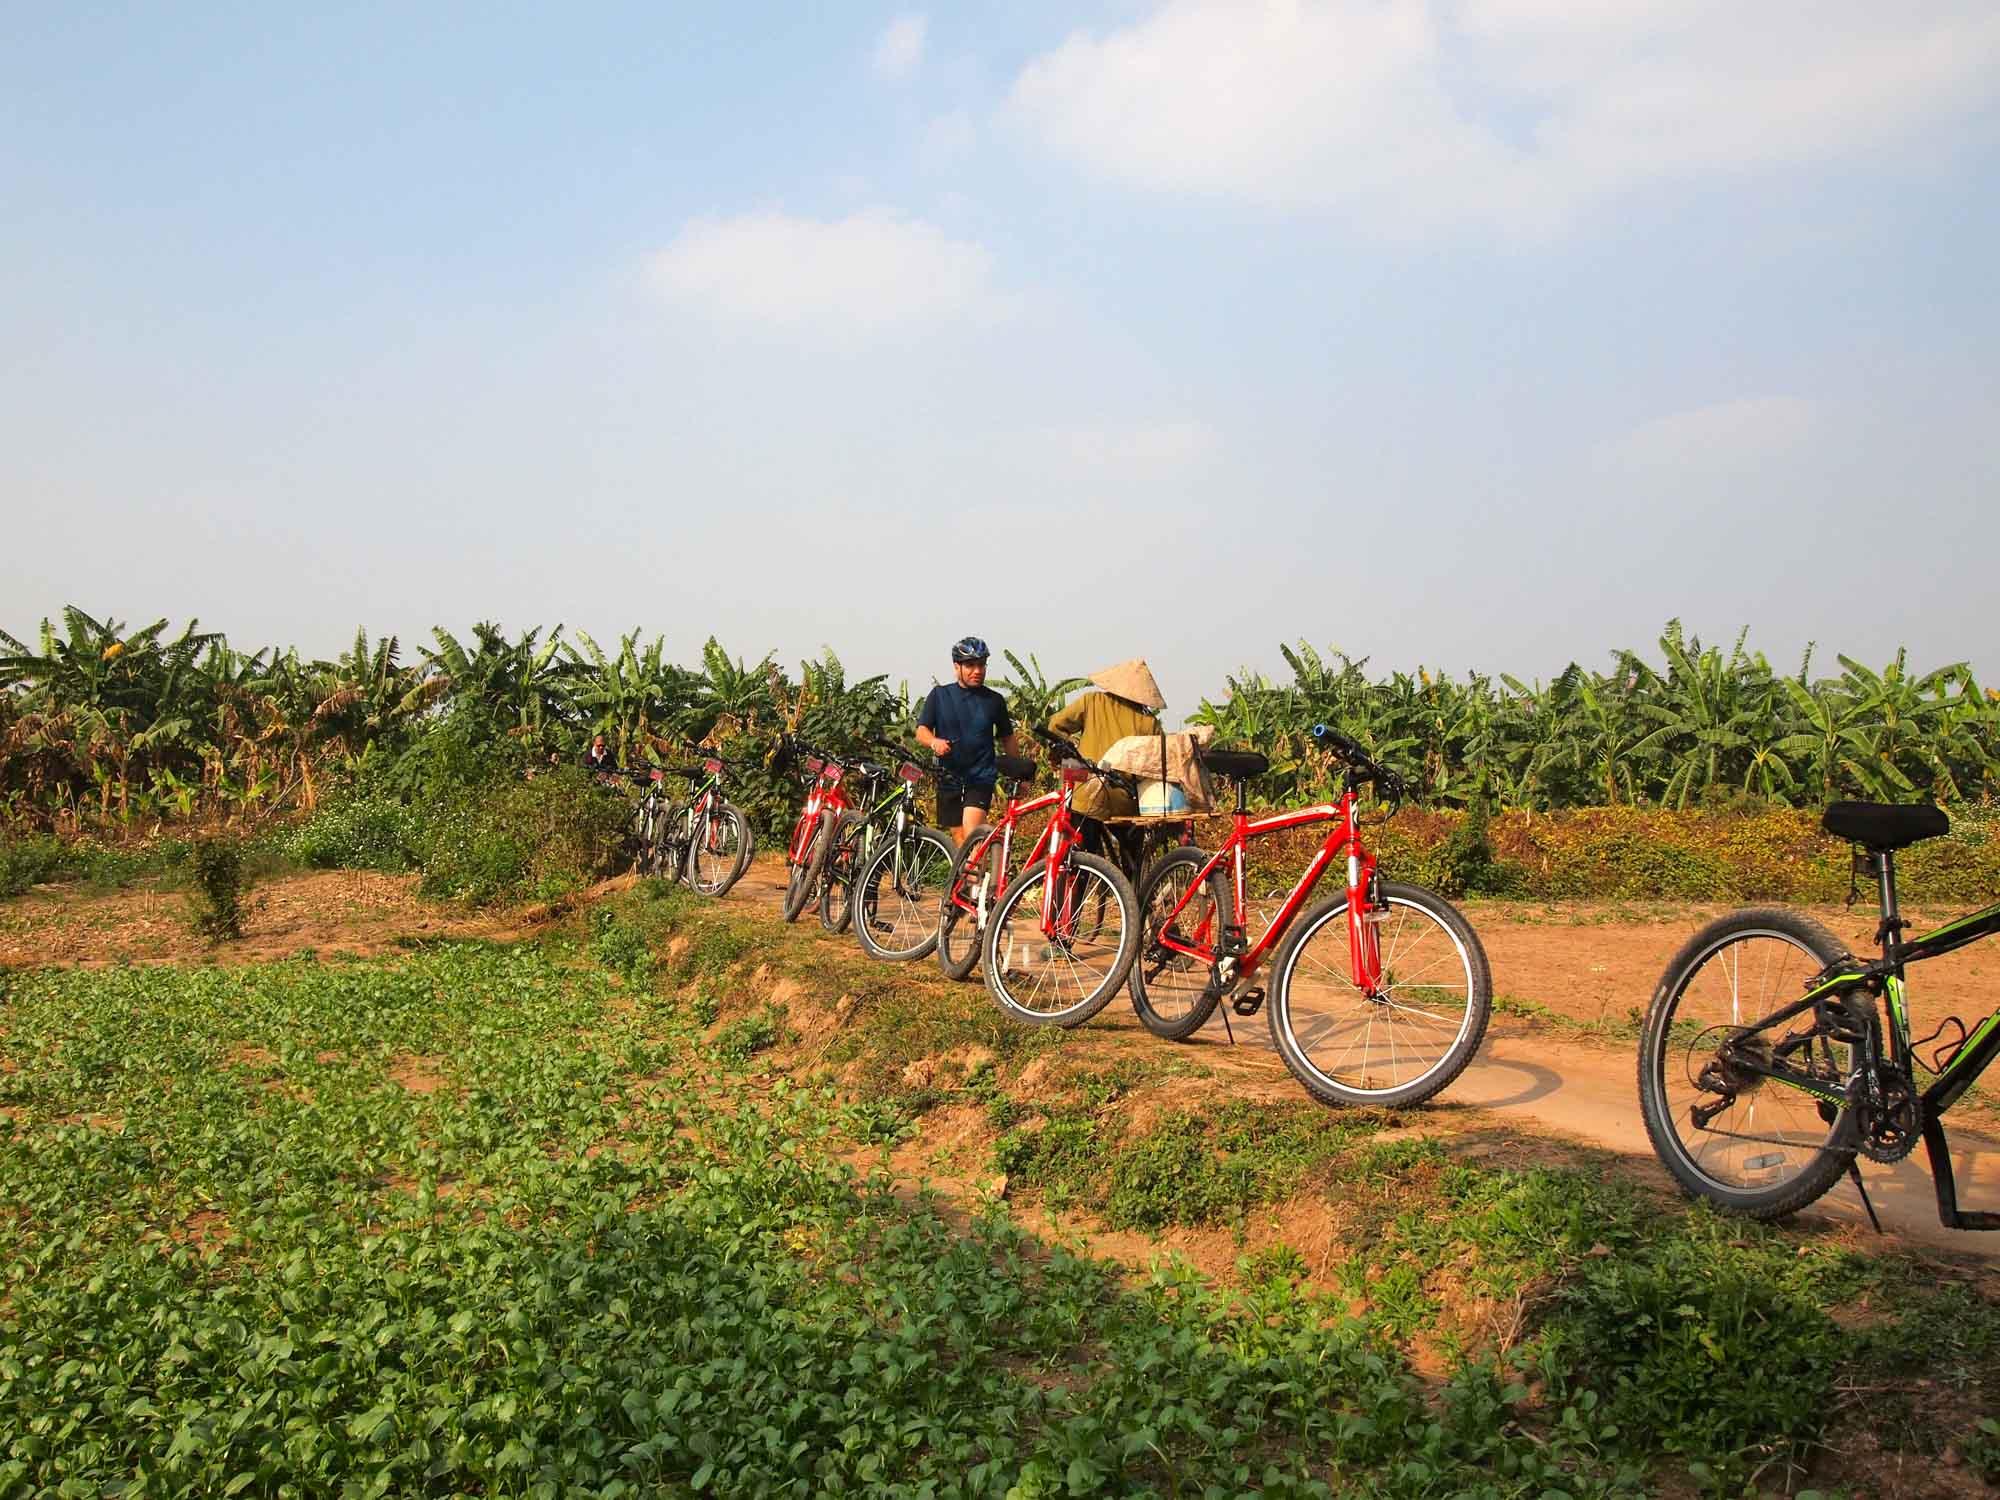 Countryside bike tour in Hanoi, Vietnam